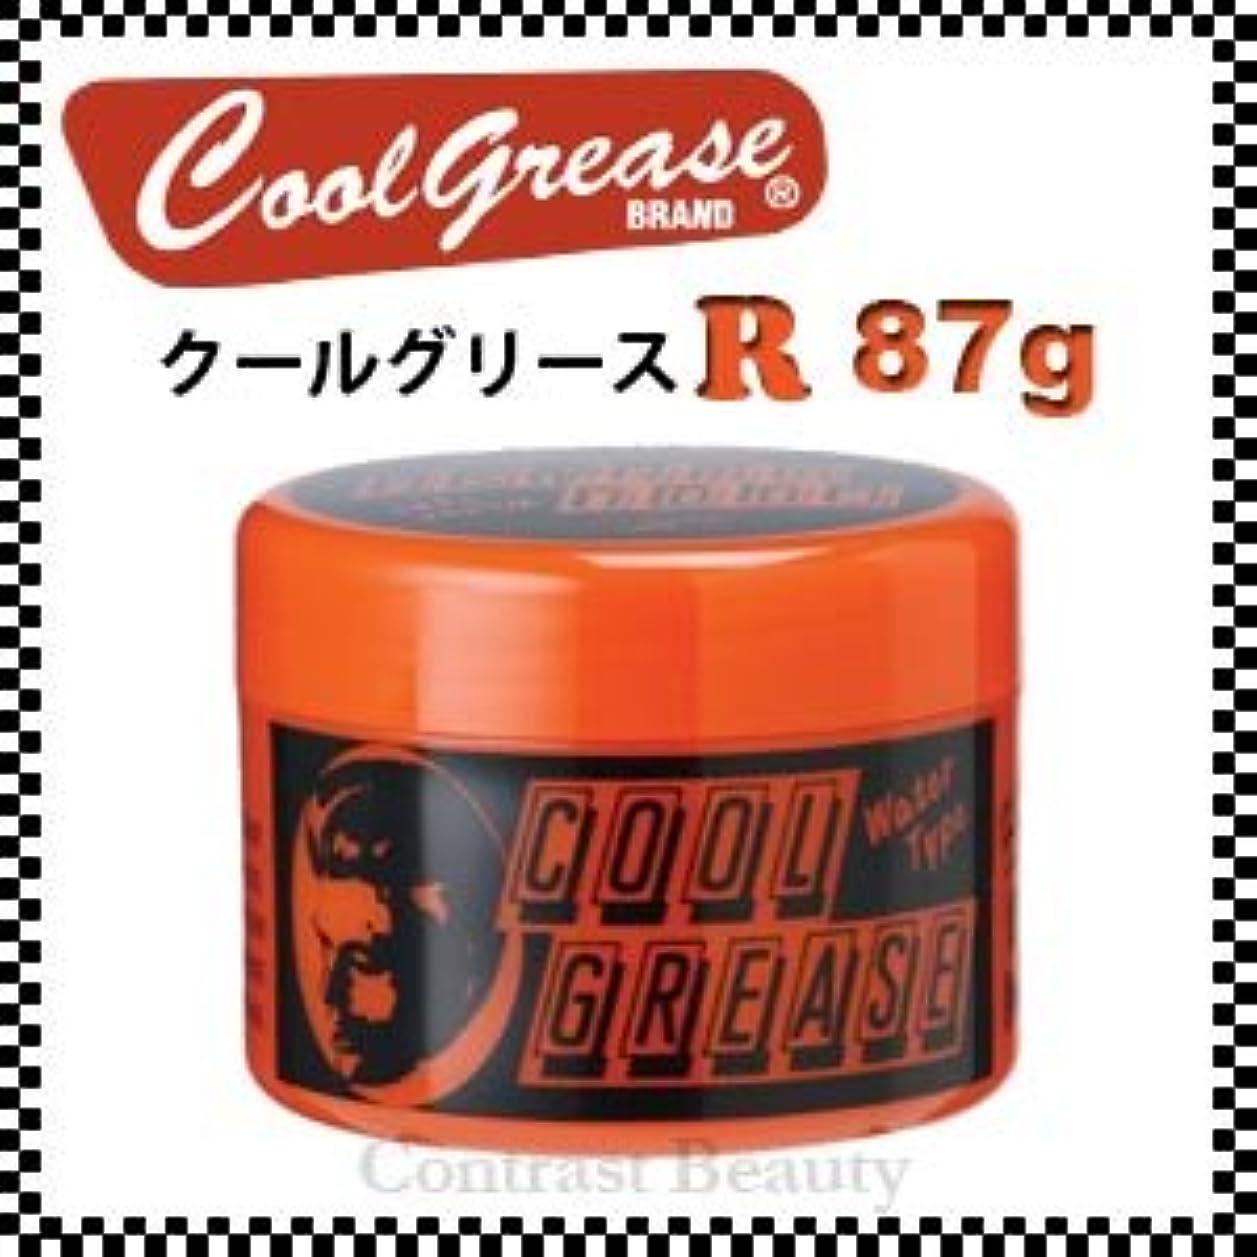 代替バンケット合法【X3個セット】 阪本高生堂 クールグリース R 87g